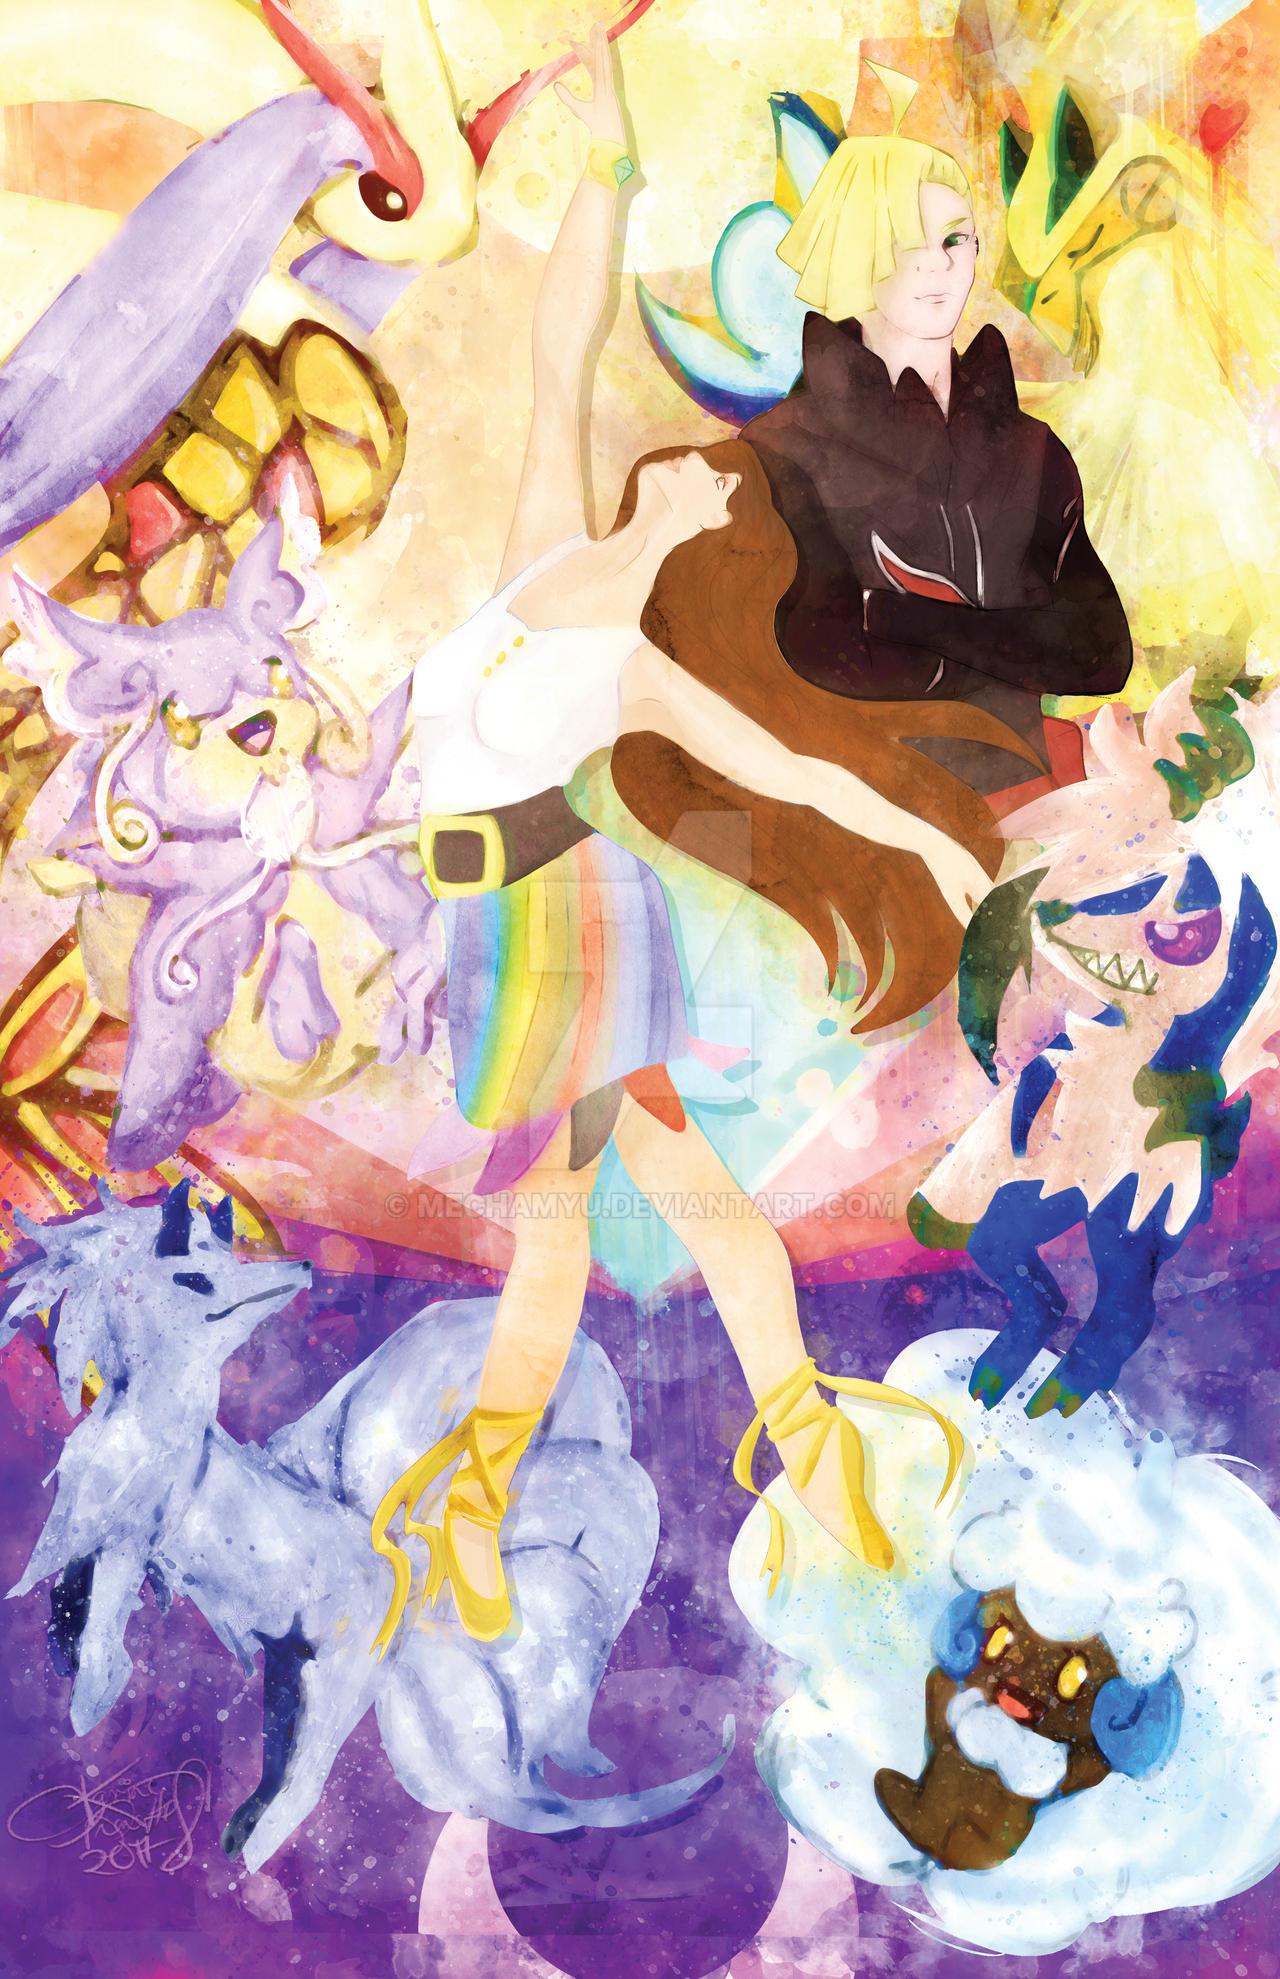 Shiny PokeWorld [Gift]